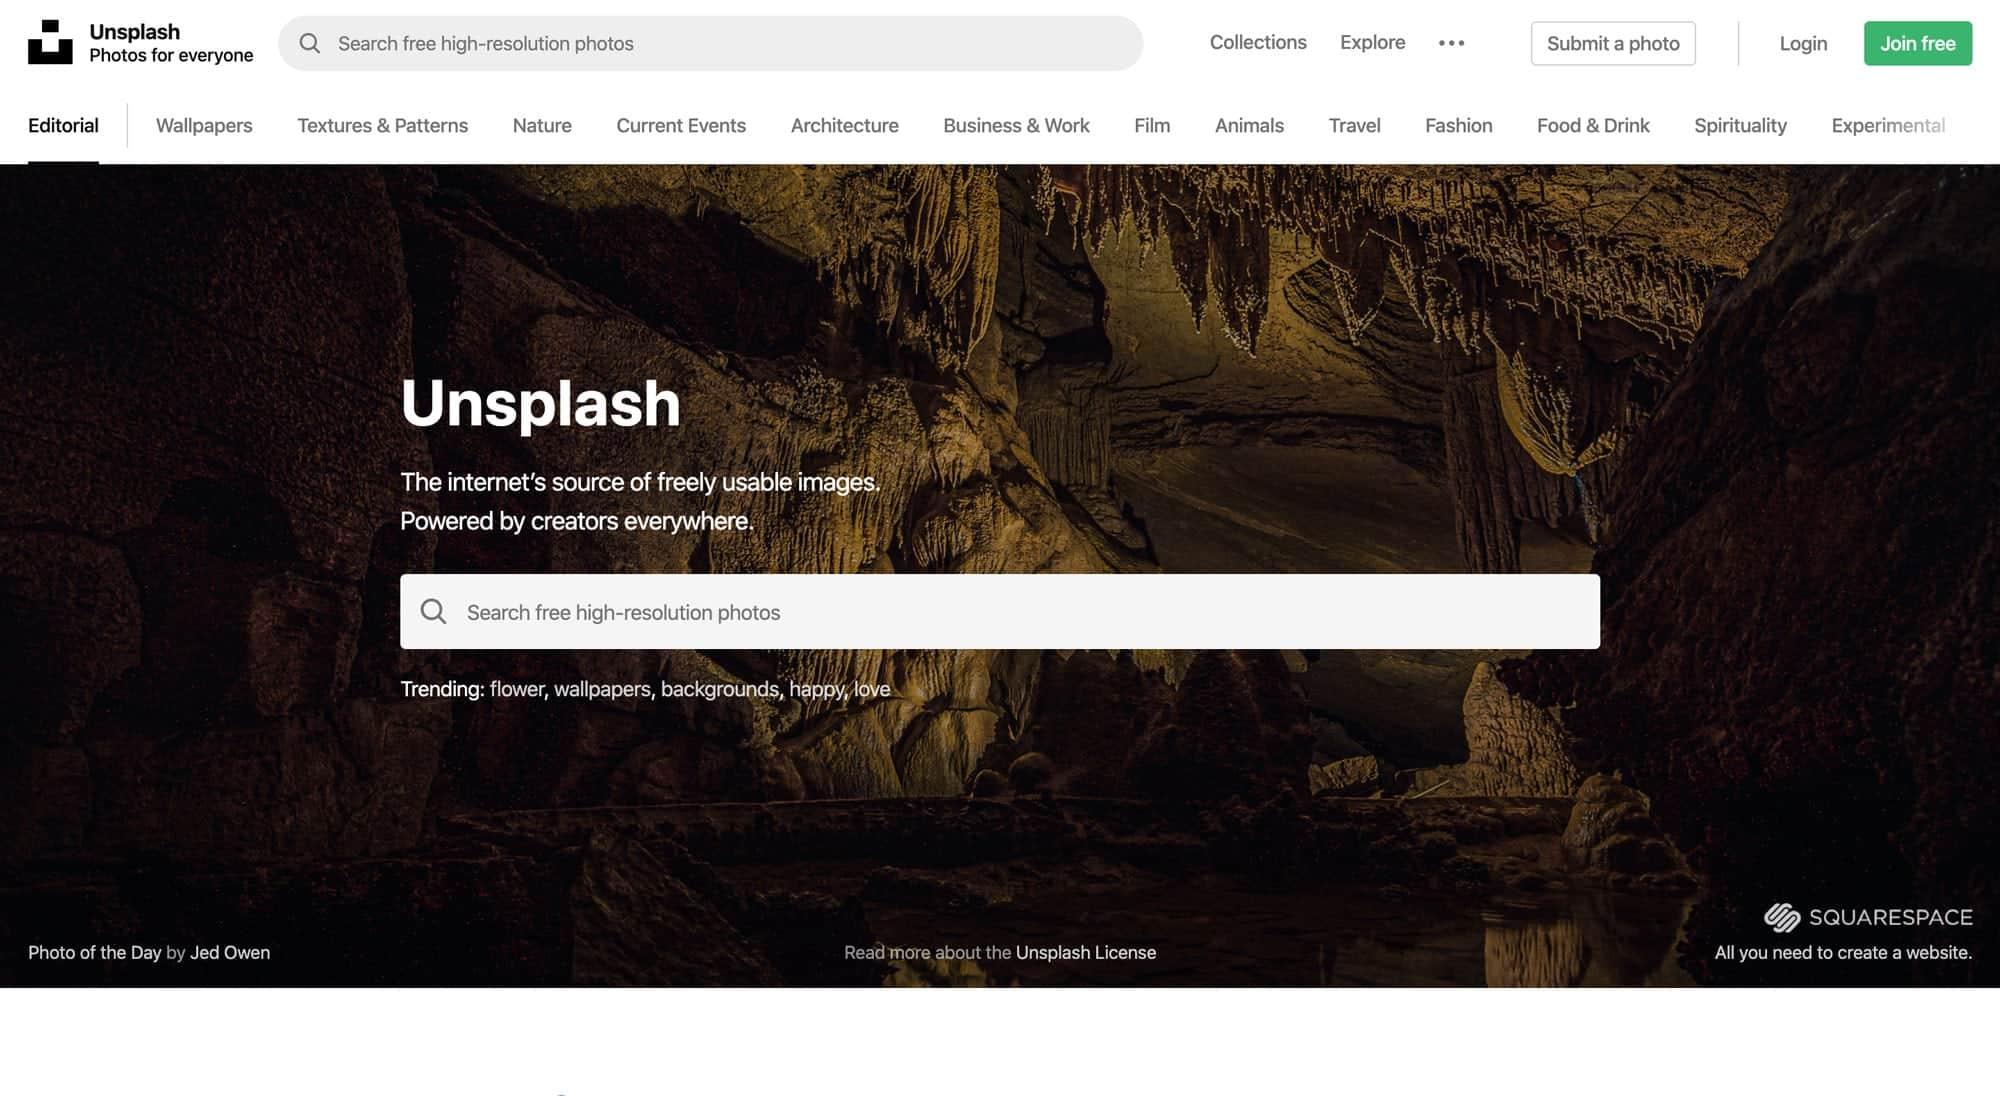 unsplash ist eine große kostenlose Bilddatenbank